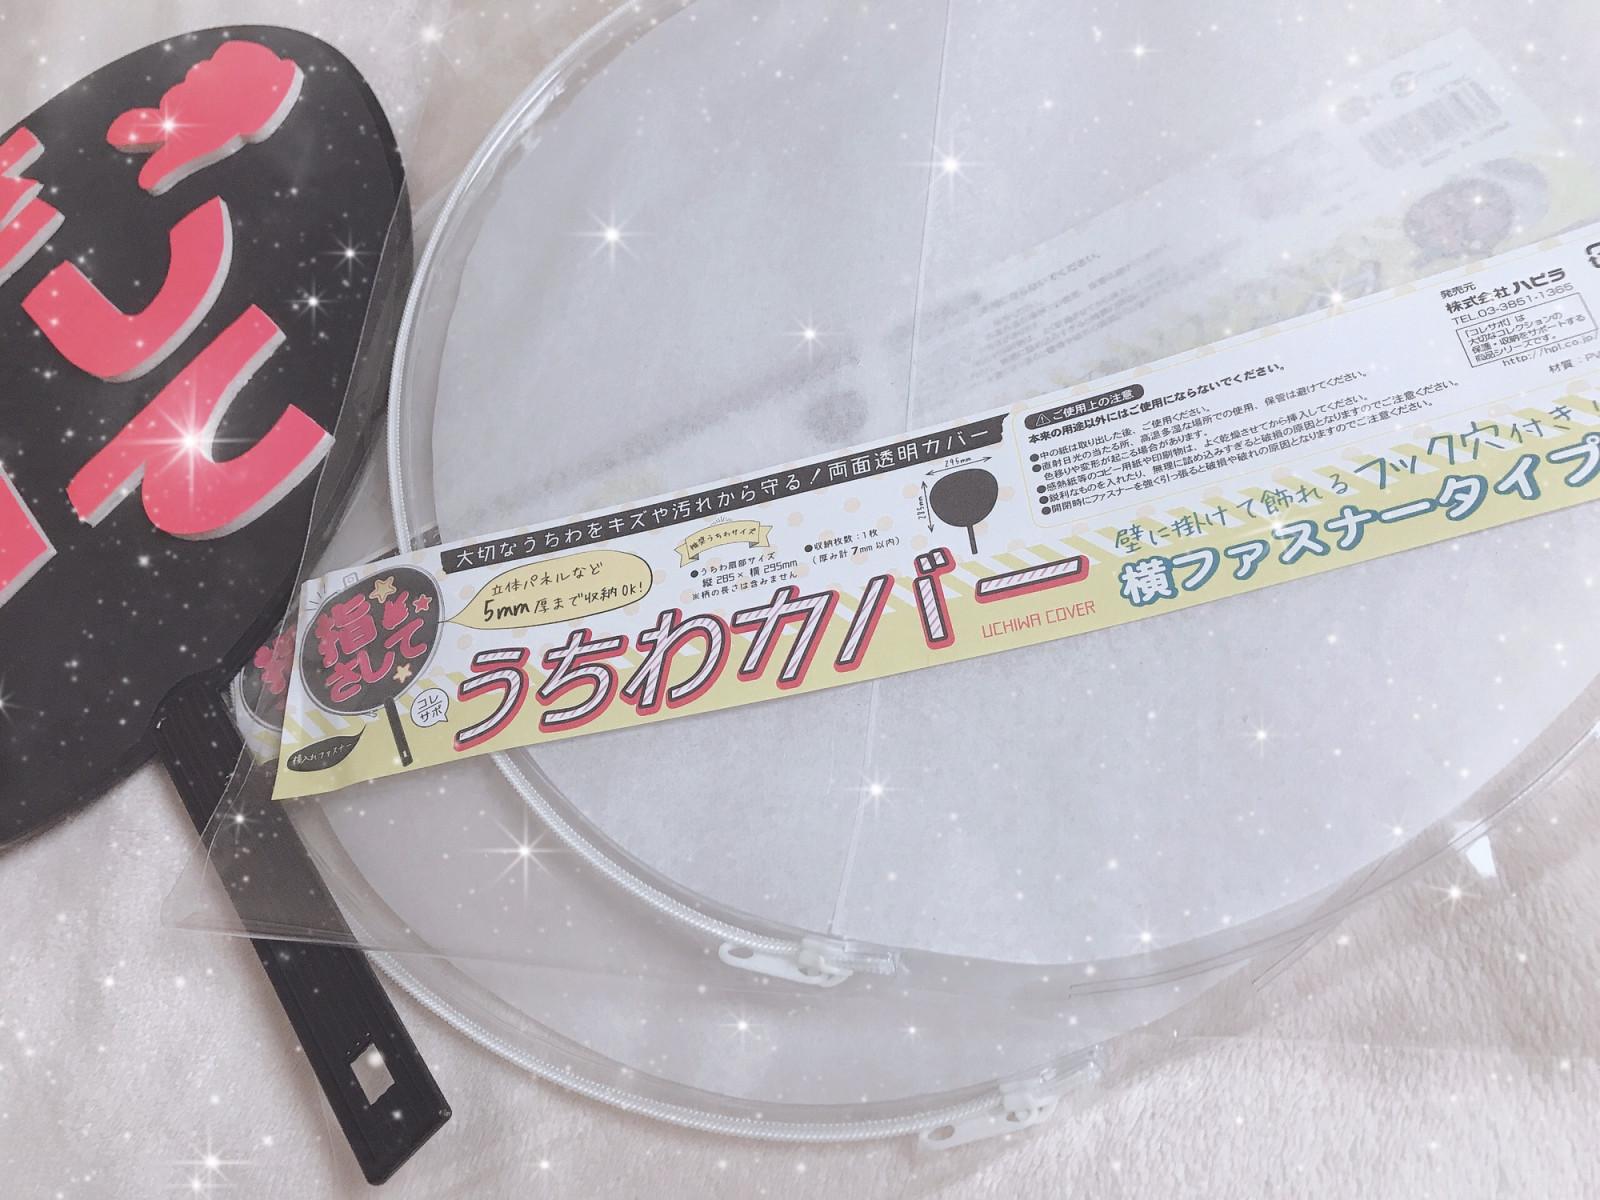 ジャニーズファン必見👀便利すぎるうちわカバーが100円で!?